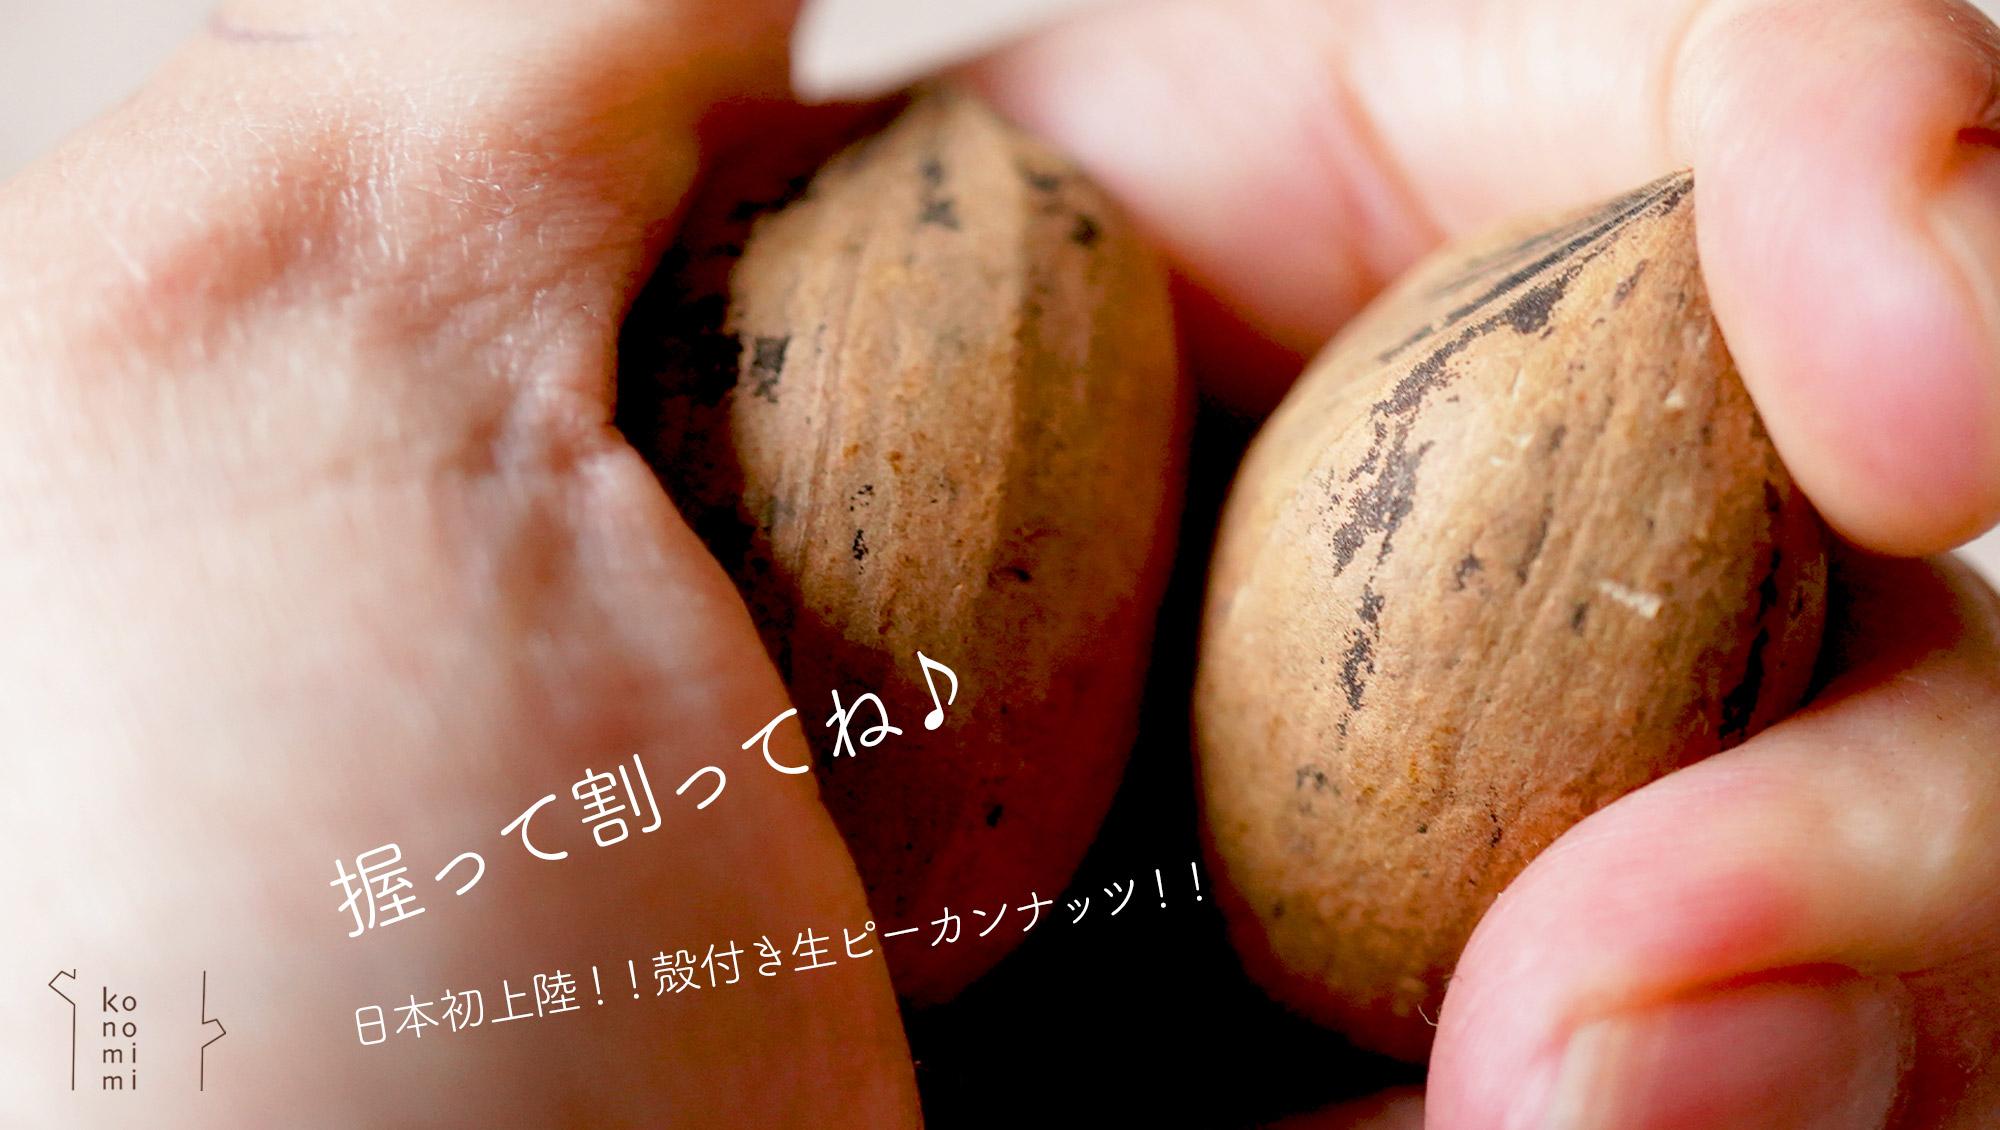 殻付きピーカンナッツ